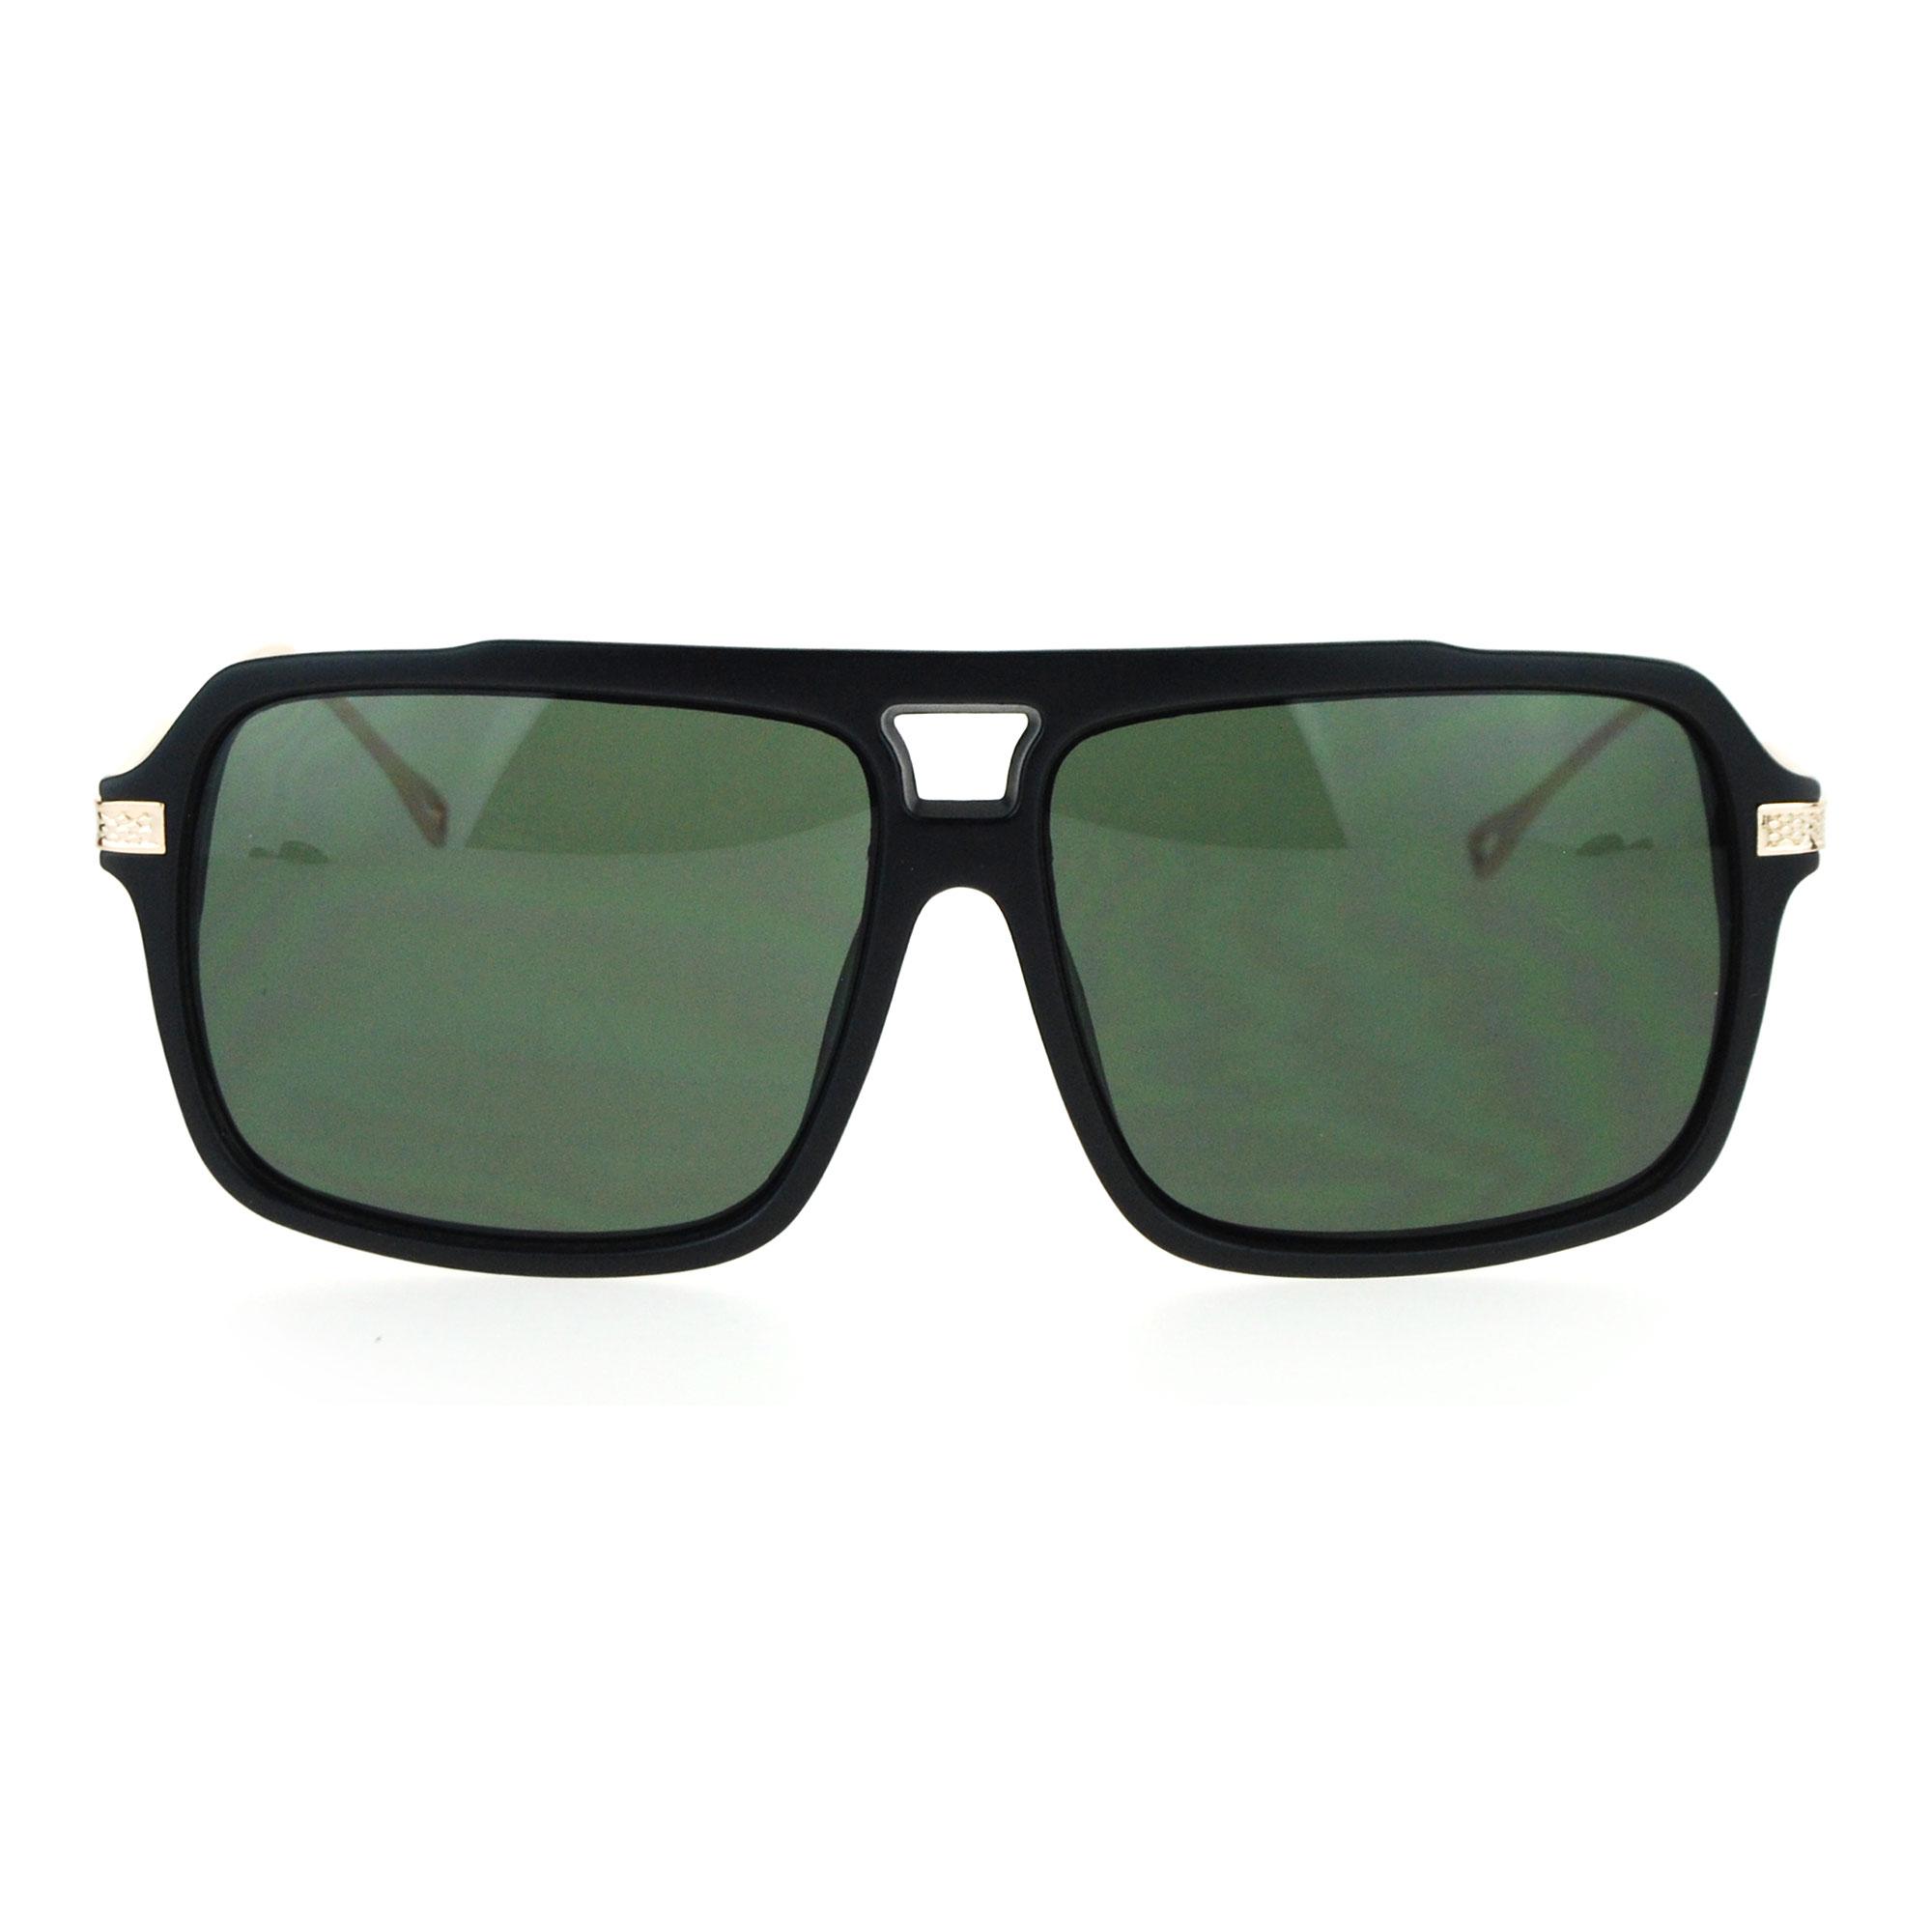 86b4e638faa7 Sunglasses   Sunglasses Accessories Oversized 80s Classic Retro Hip Hop  Rapper Style Sun Glasses Thick Black Frame